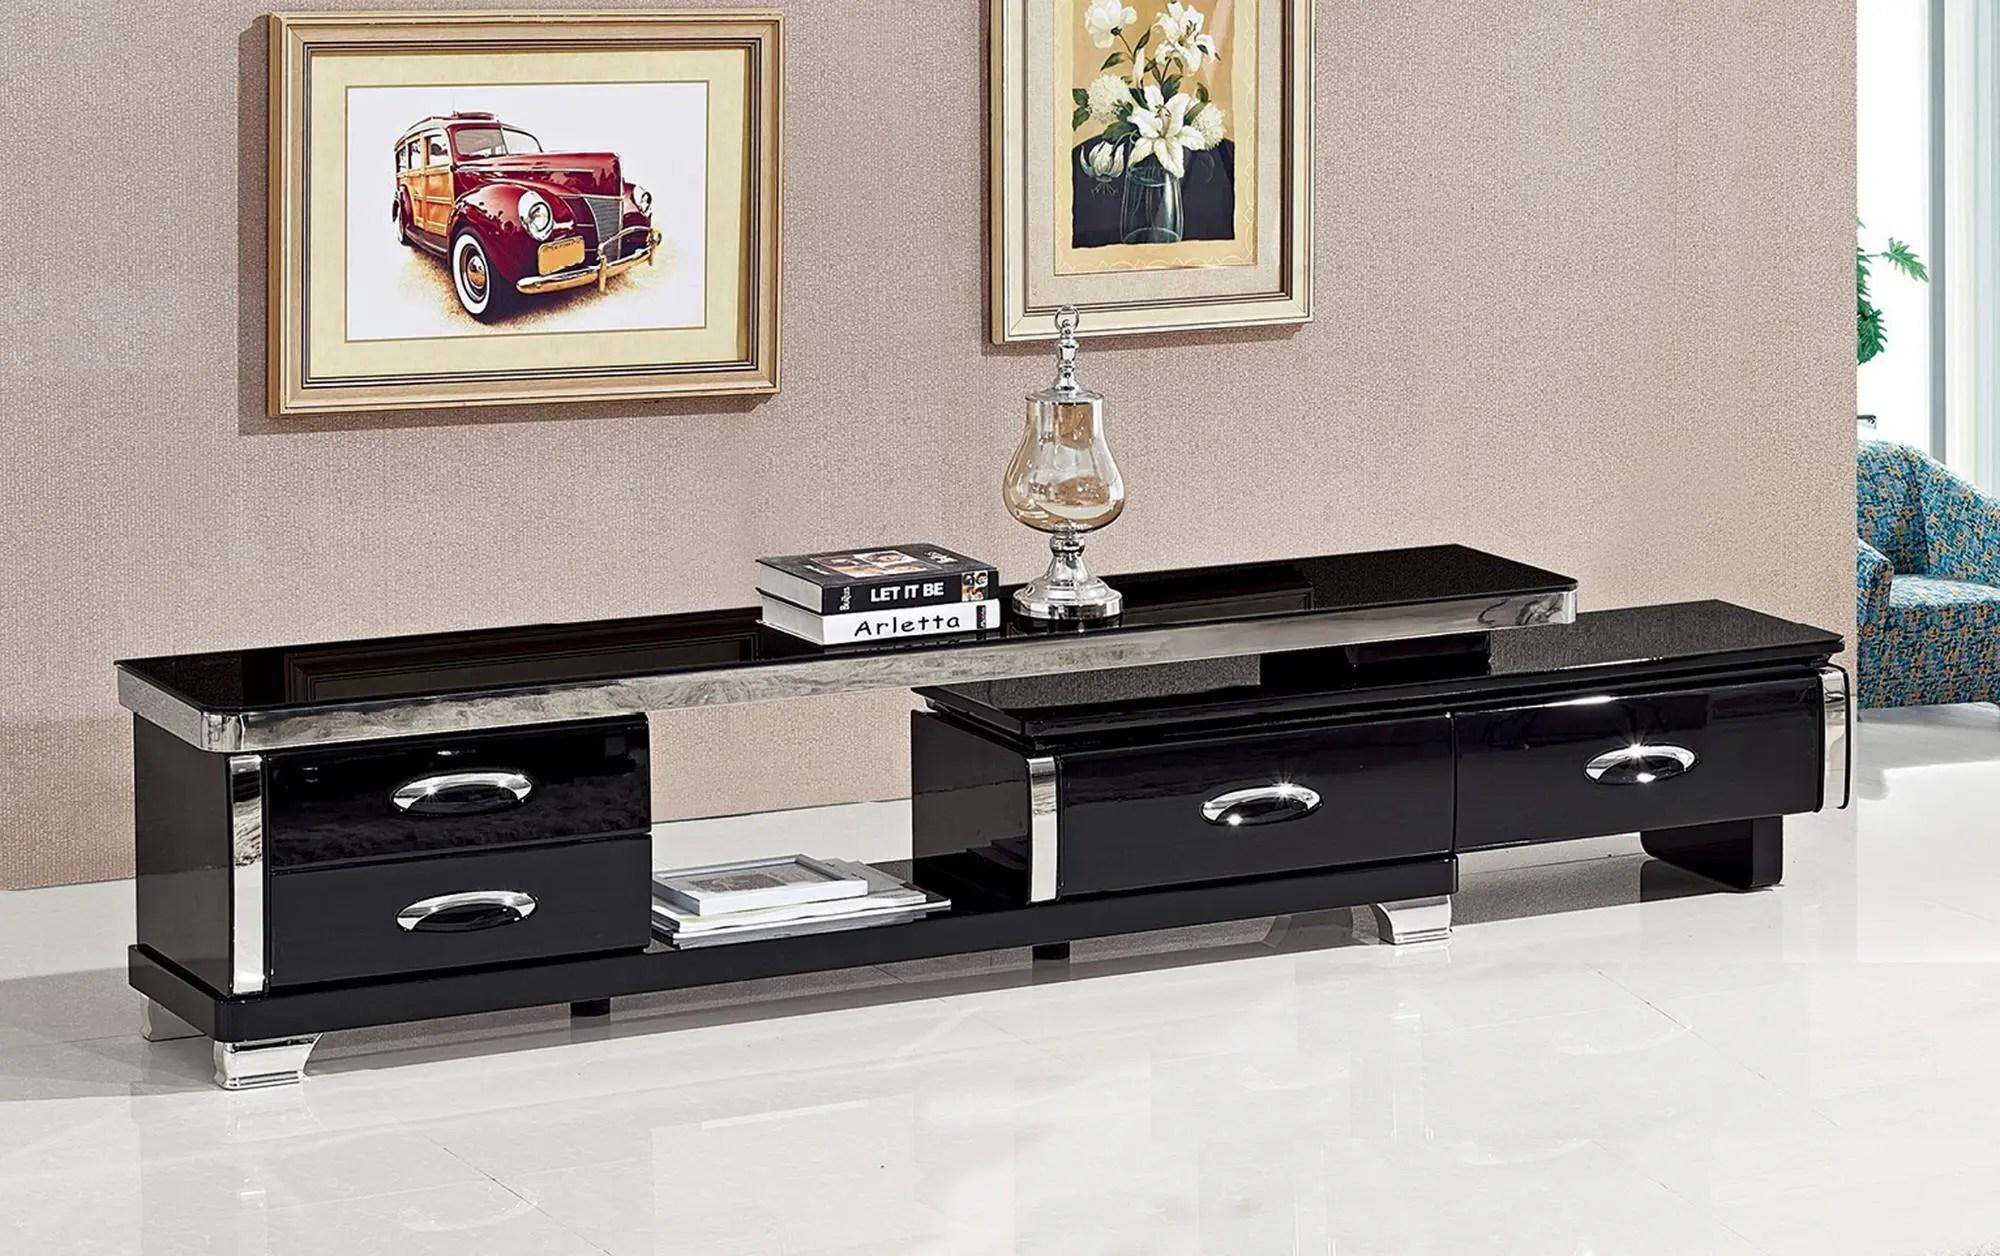 support de table en verre noir avec miroir meuble tv design moderne pour le salon 5 pieces nouveau modele buy living room table tv table stand tv